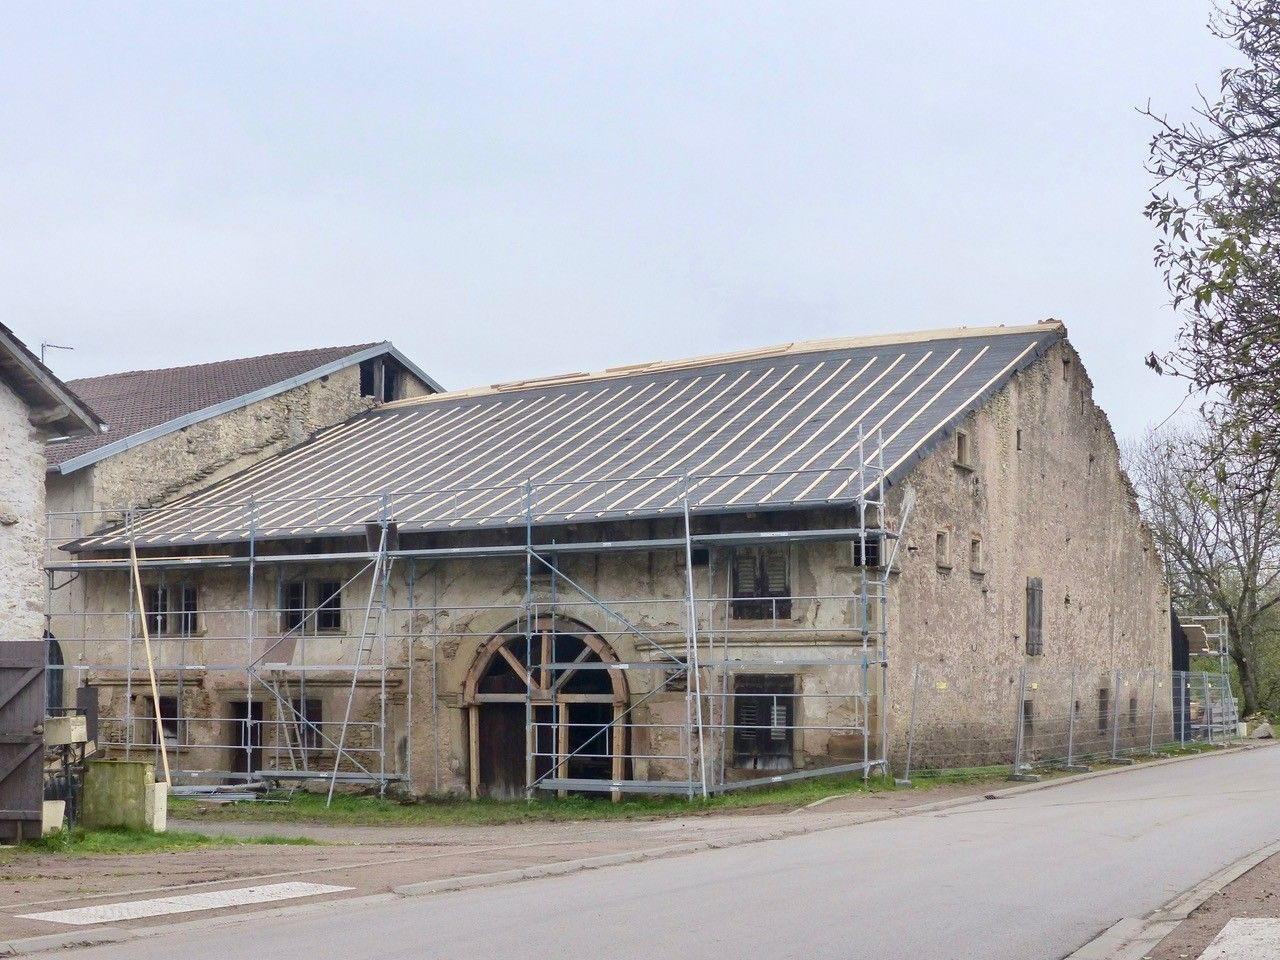 Maison paysanne de 1605 à Bult dans les Vosges